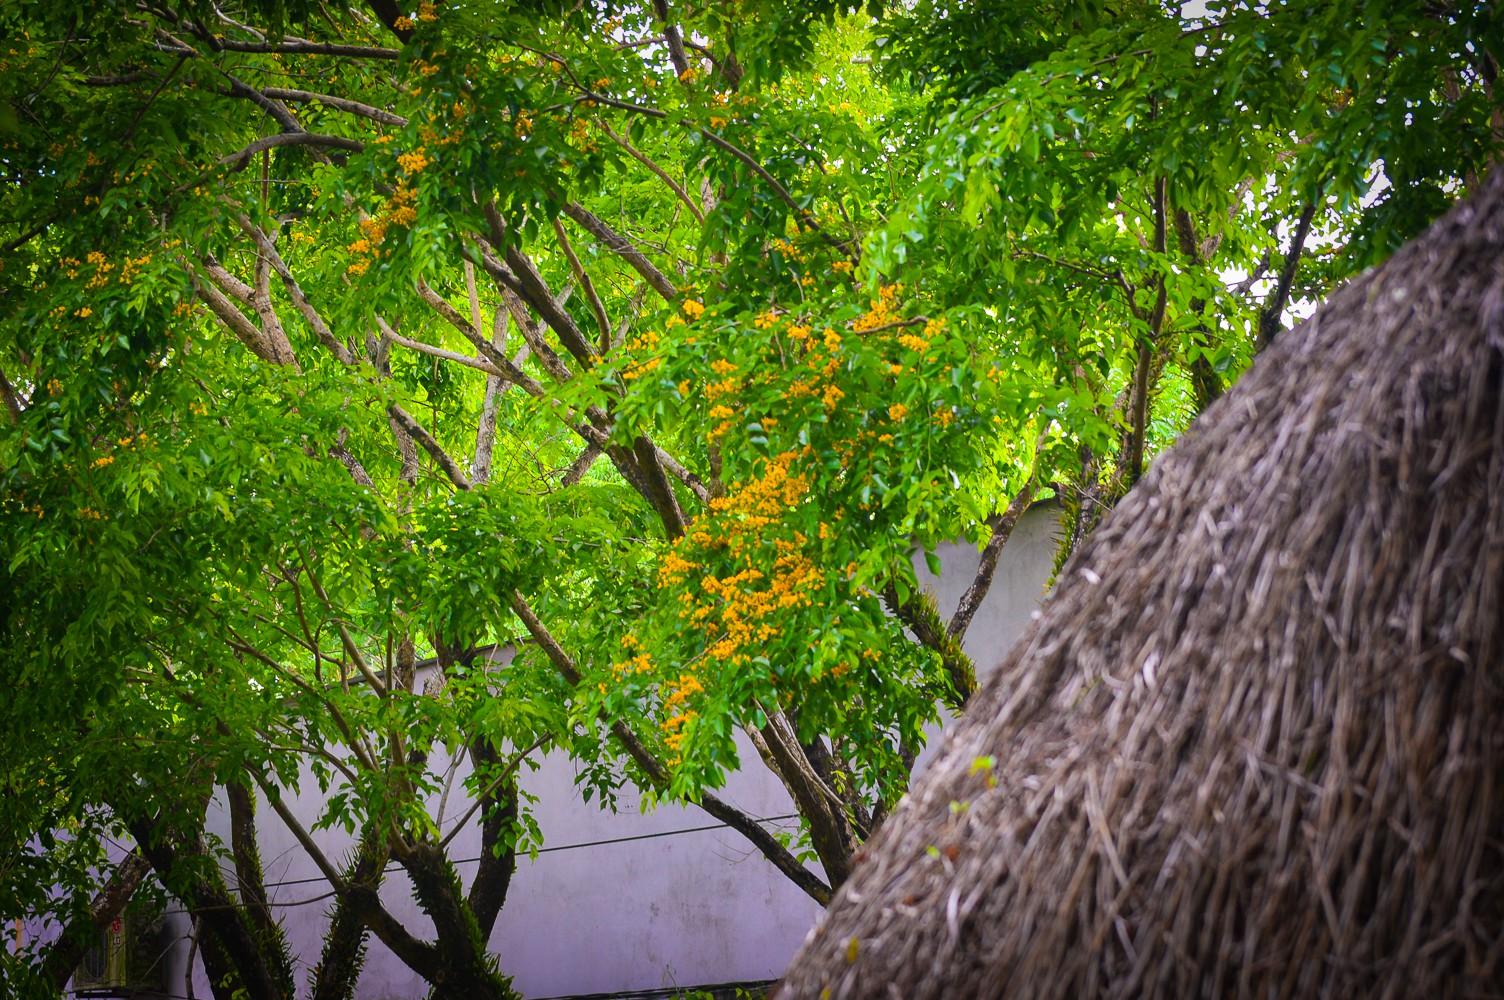 Mùa hoa sưa vàng trời Quảng Nam khiến bao người thổn thức - Ảnh 5.